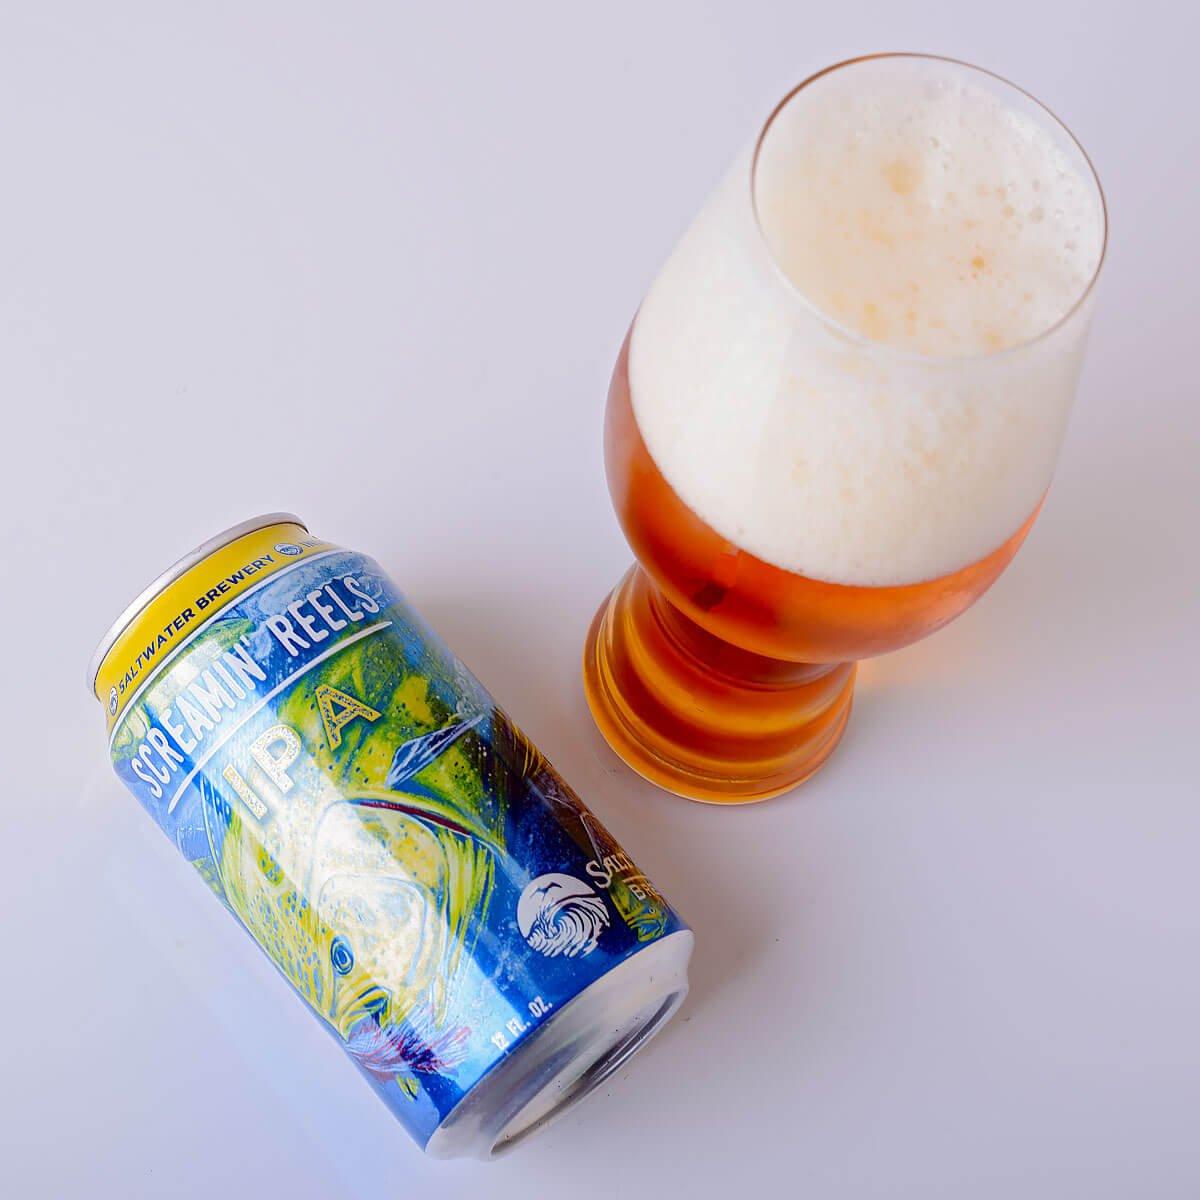 Screamin' Reels, an American IPA by SaltWater Brewery